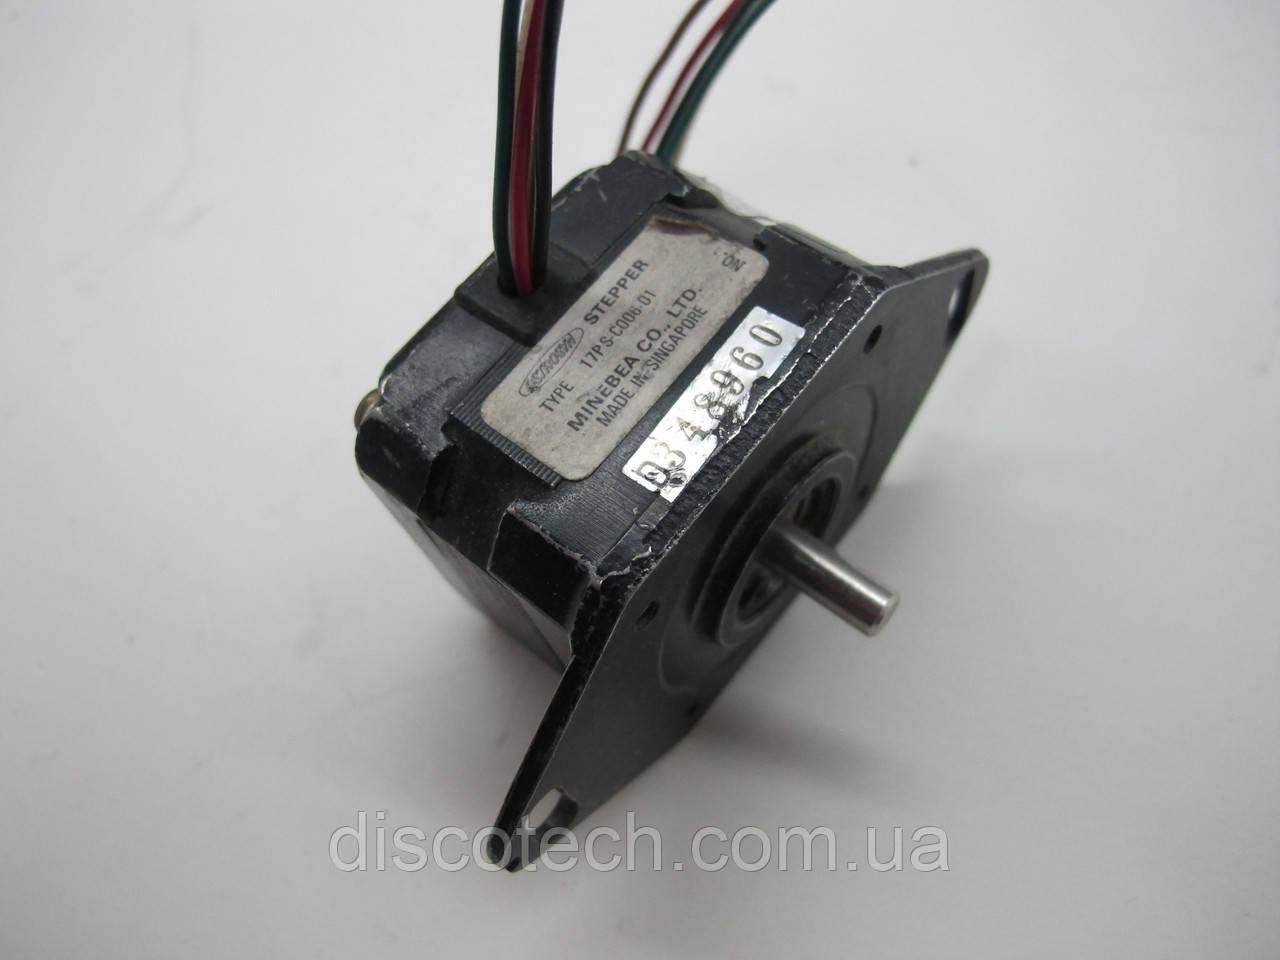 Двигатель шаговый уп 1,8 ф5,0/ 75 Ом 17PS-C0006-01